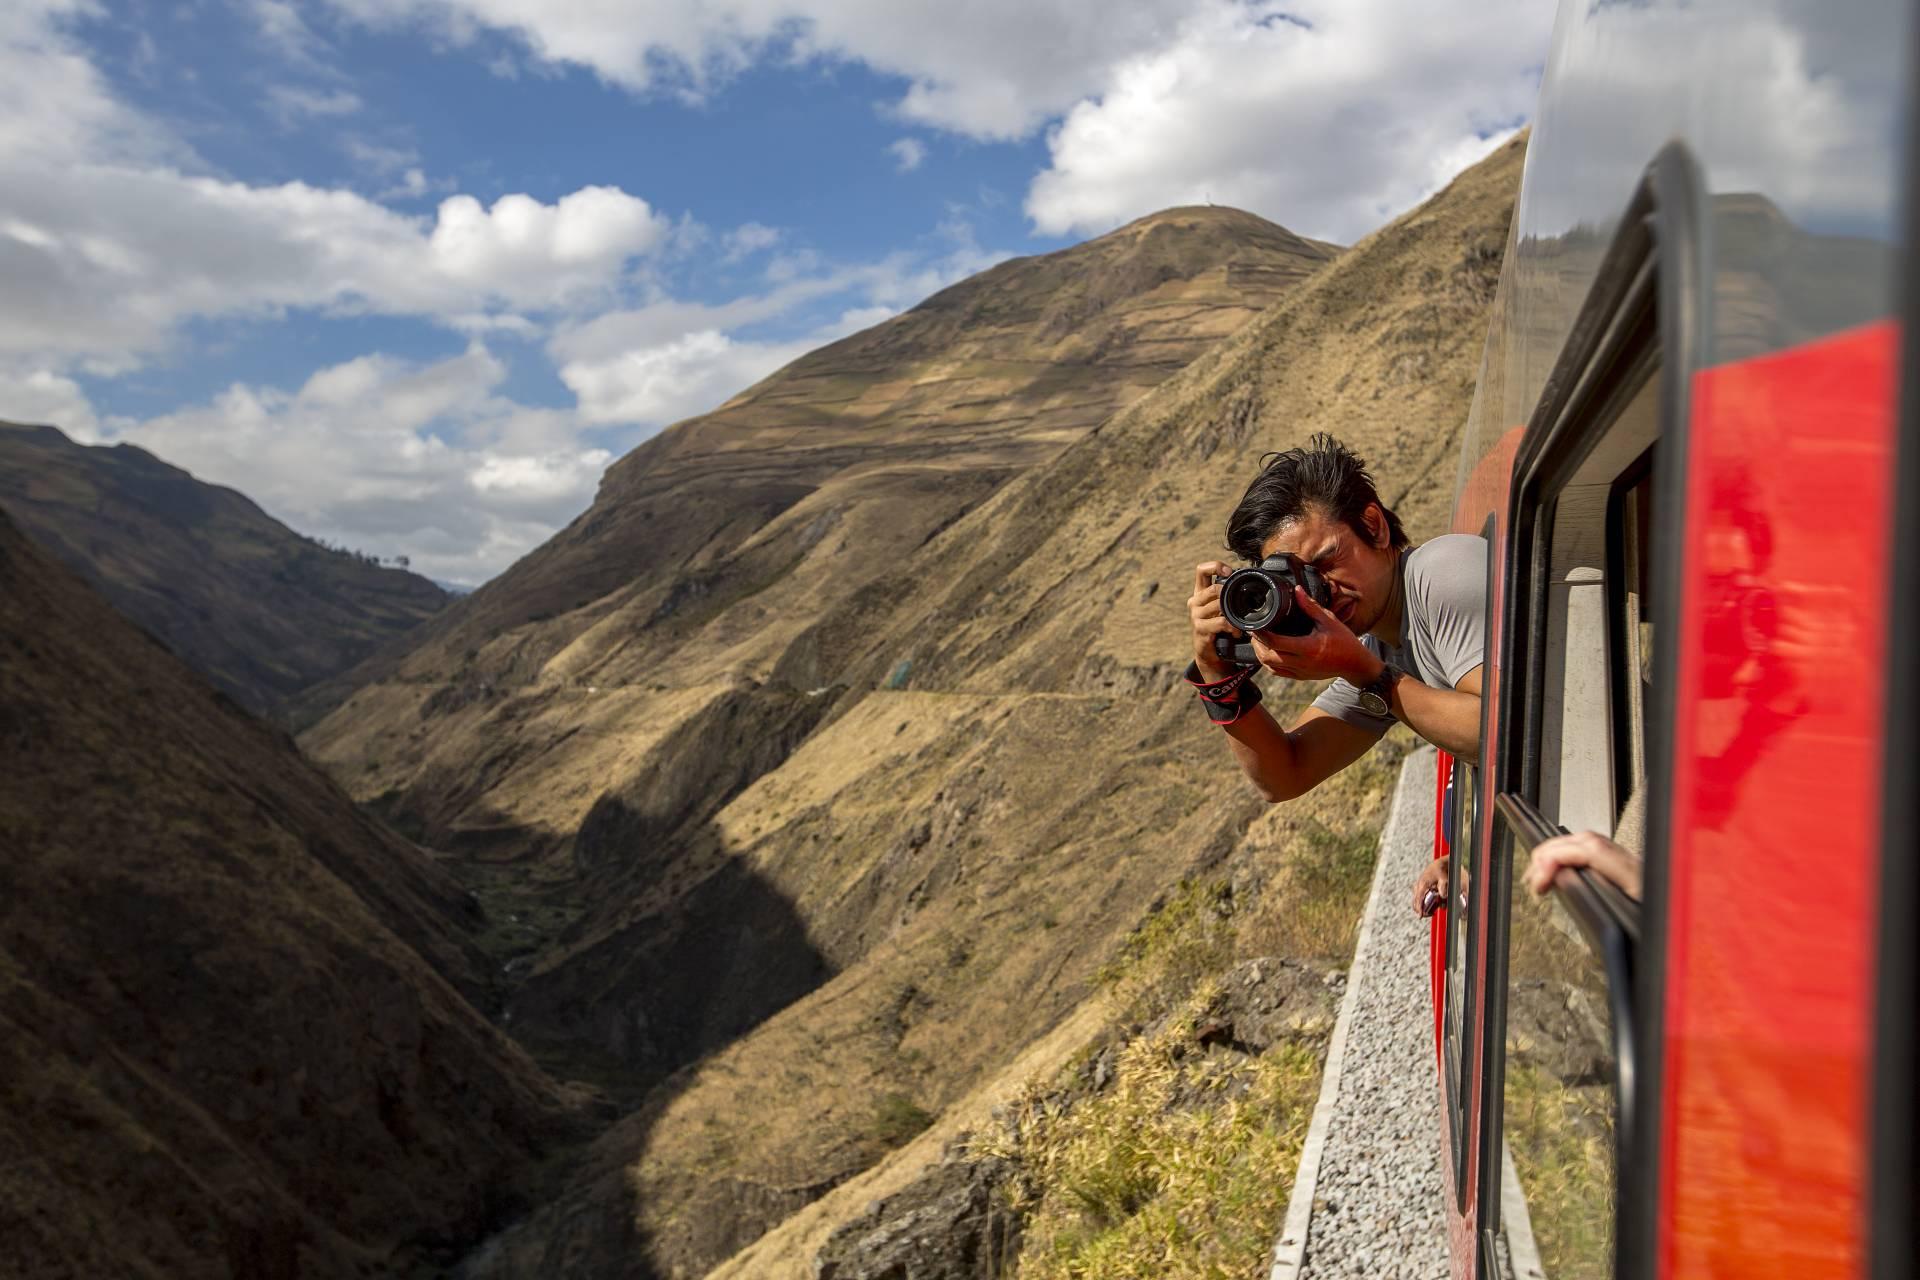 Vulkane vom Zug aus betrachten - Die beeindruckende Weite Ecuadors - Reisen im Garten Eden